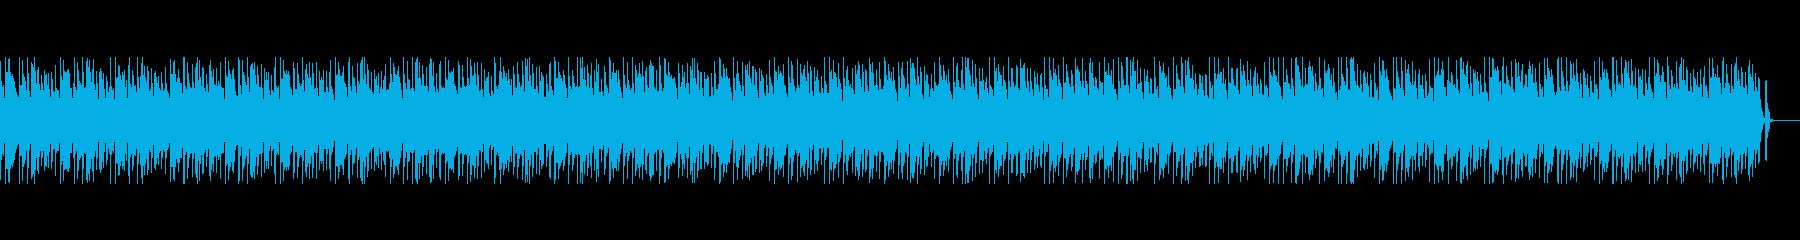 ほのぼのカントリー風ブルース、ドラムレスの再生済みの波形